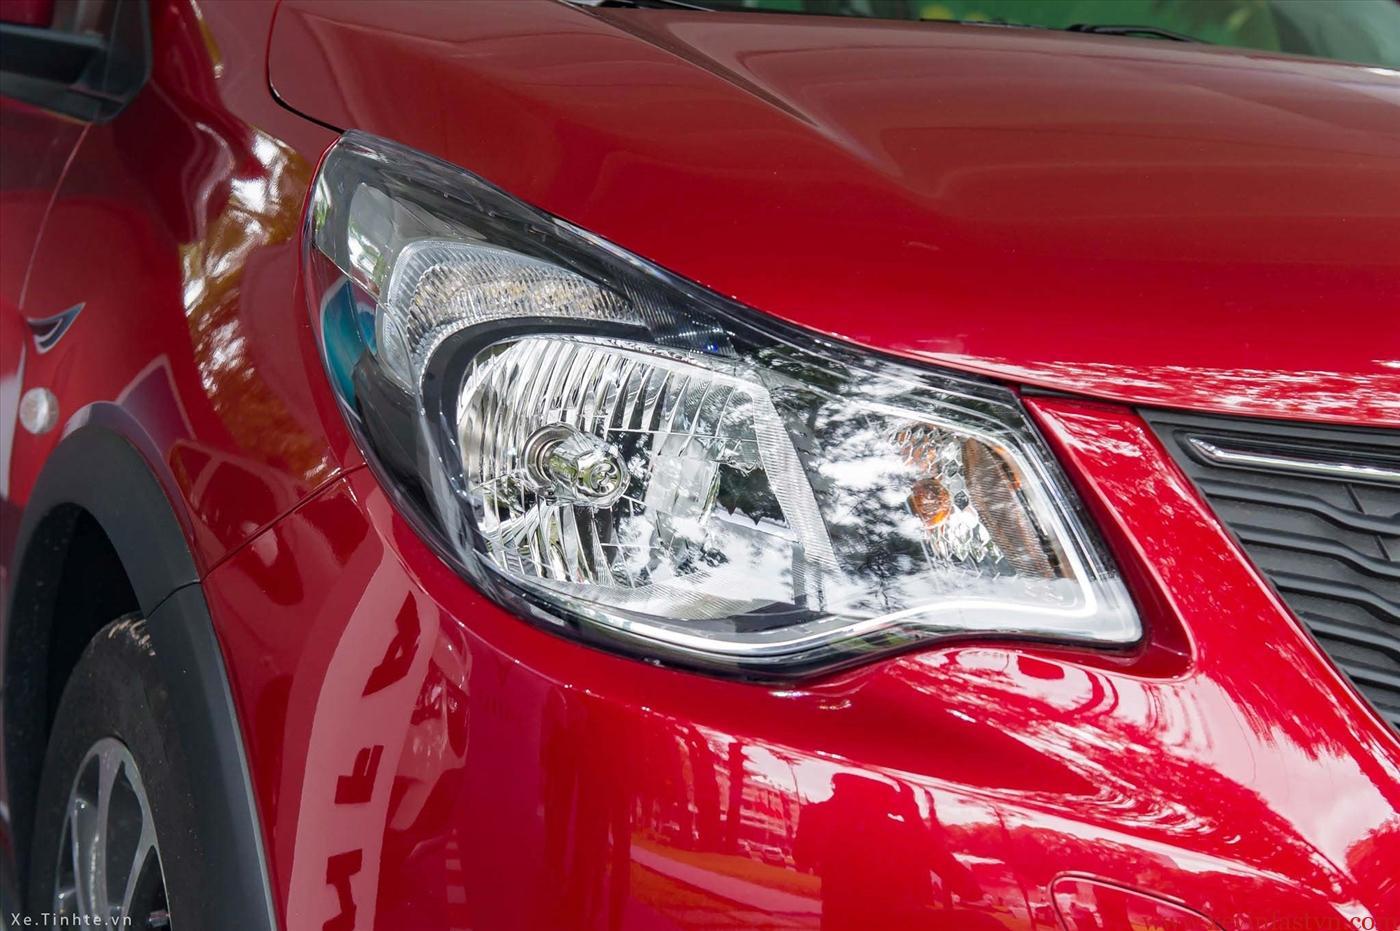 Vinfast Fadil Hatchback 1.4L At Phiên Bản Tiêu Chuẩn (Máy Xăng) - Hình 9